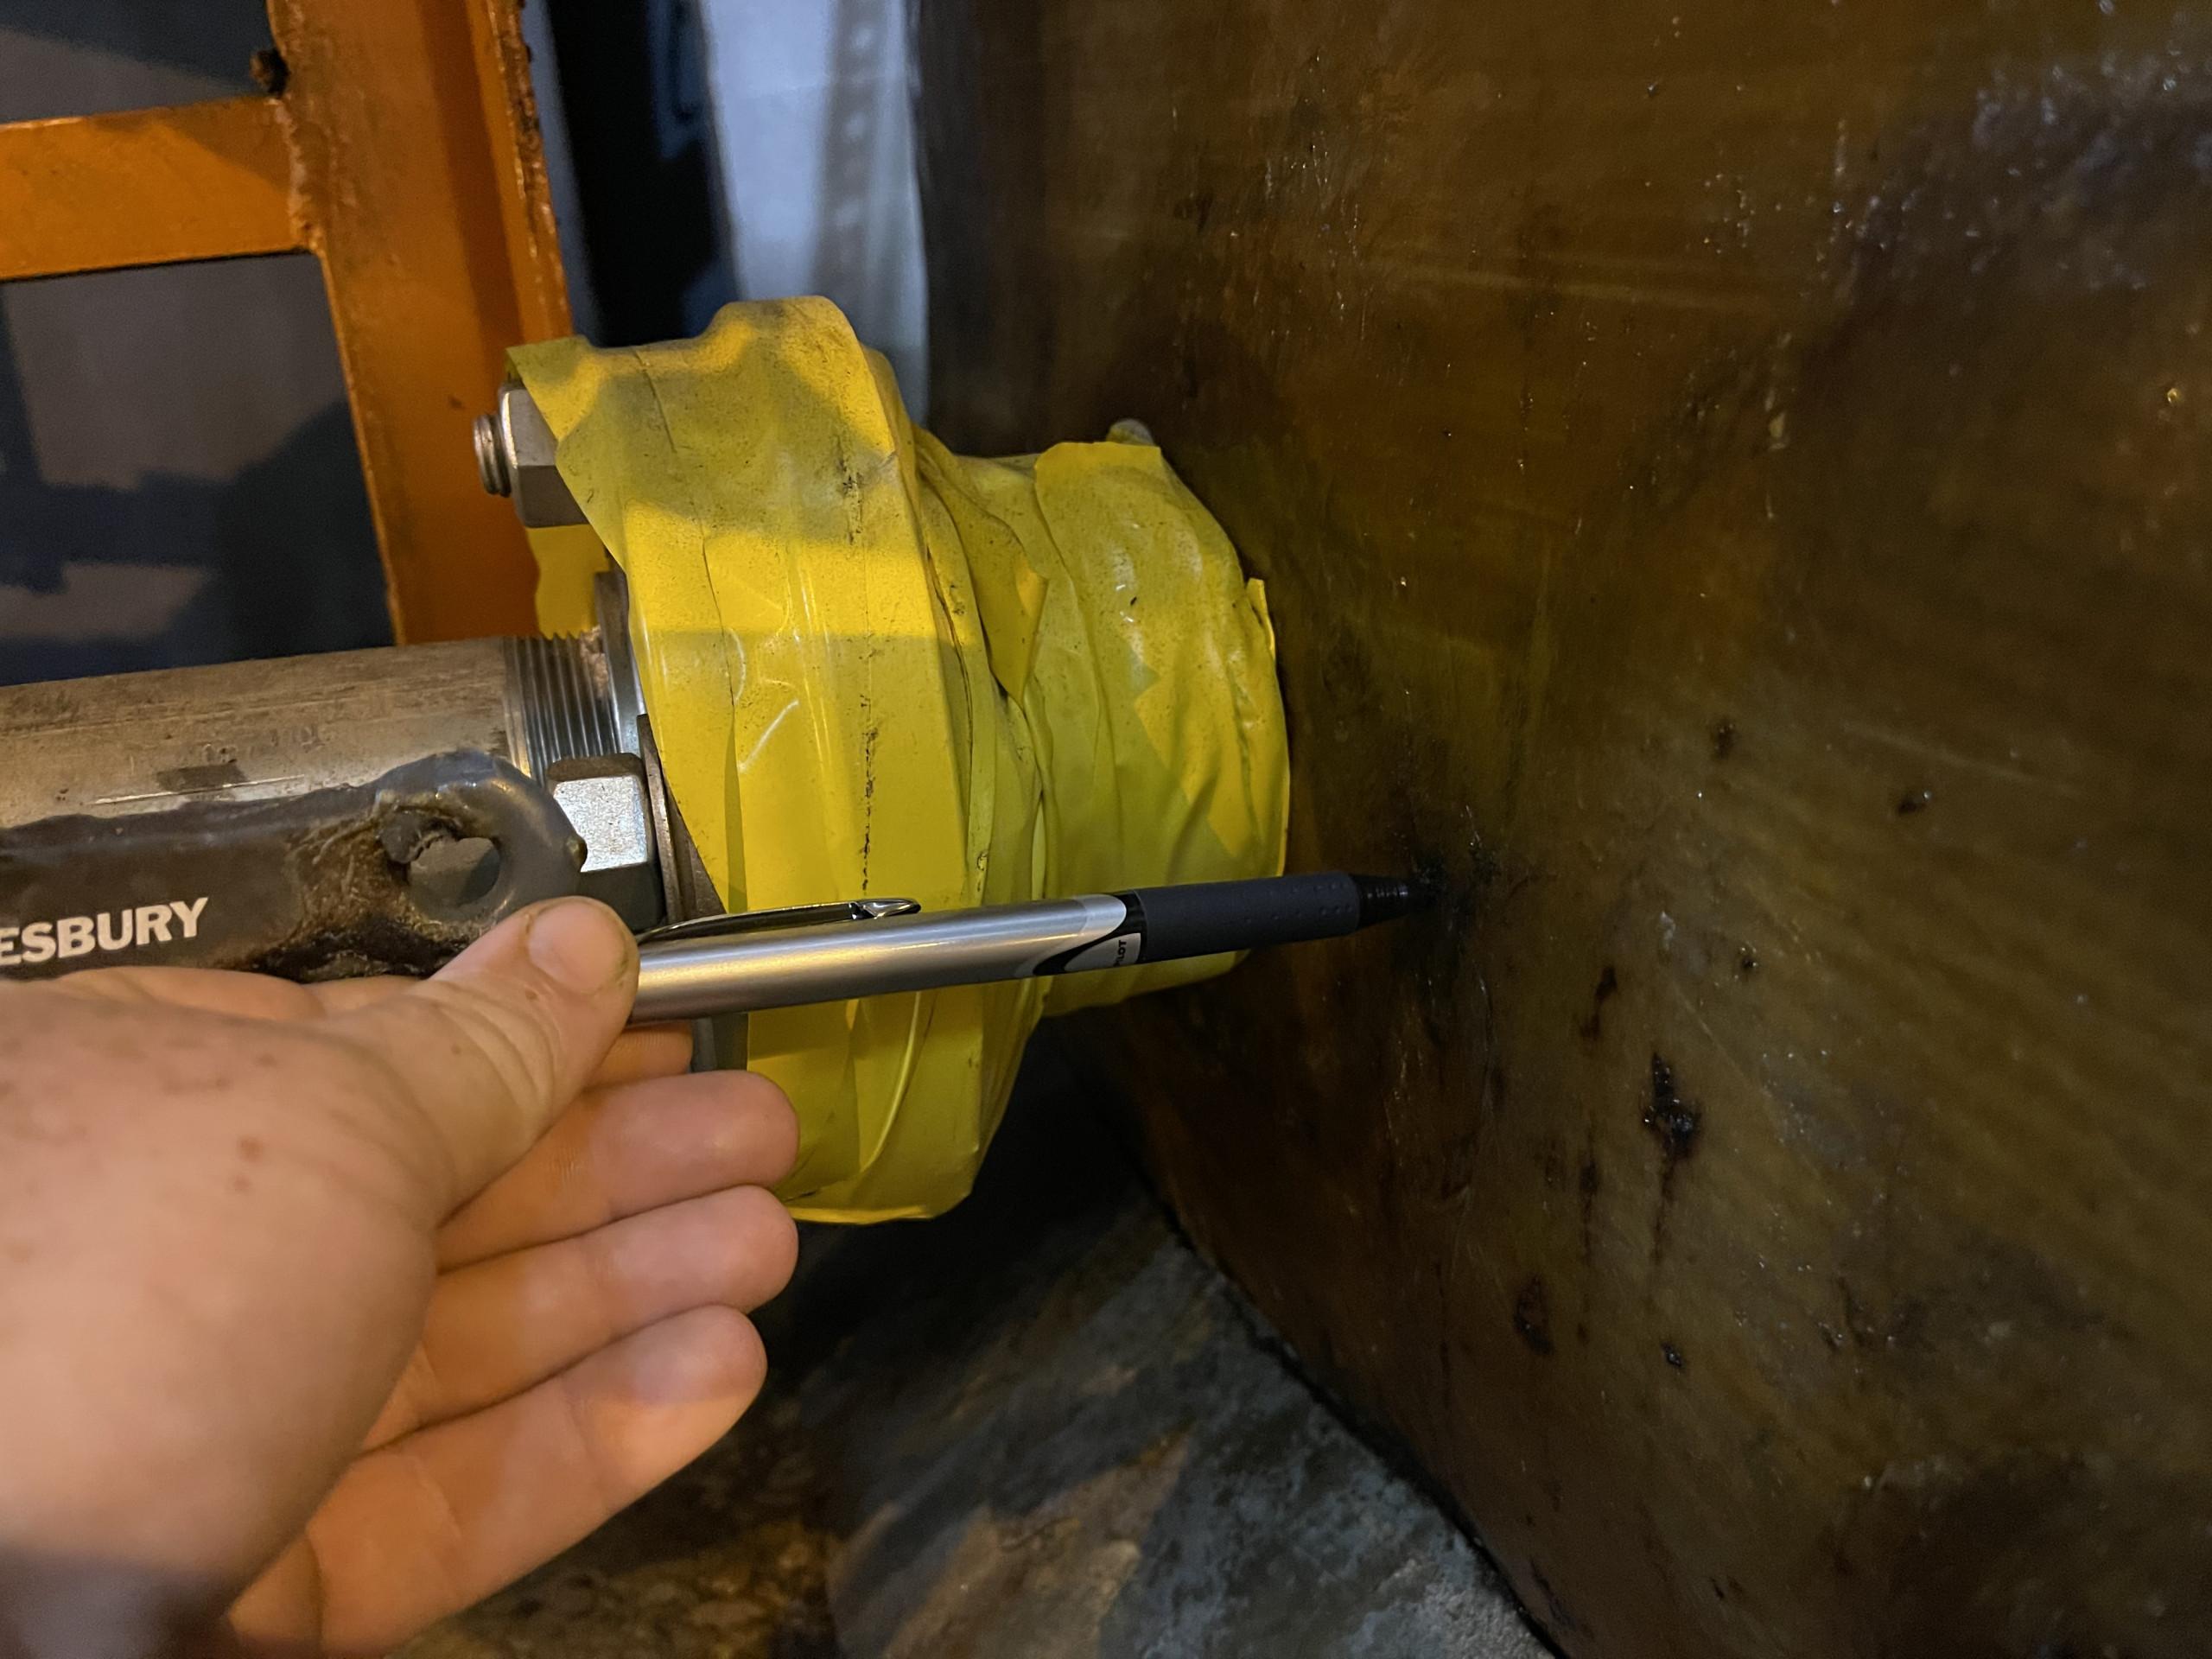 Pipe spot damage and repair